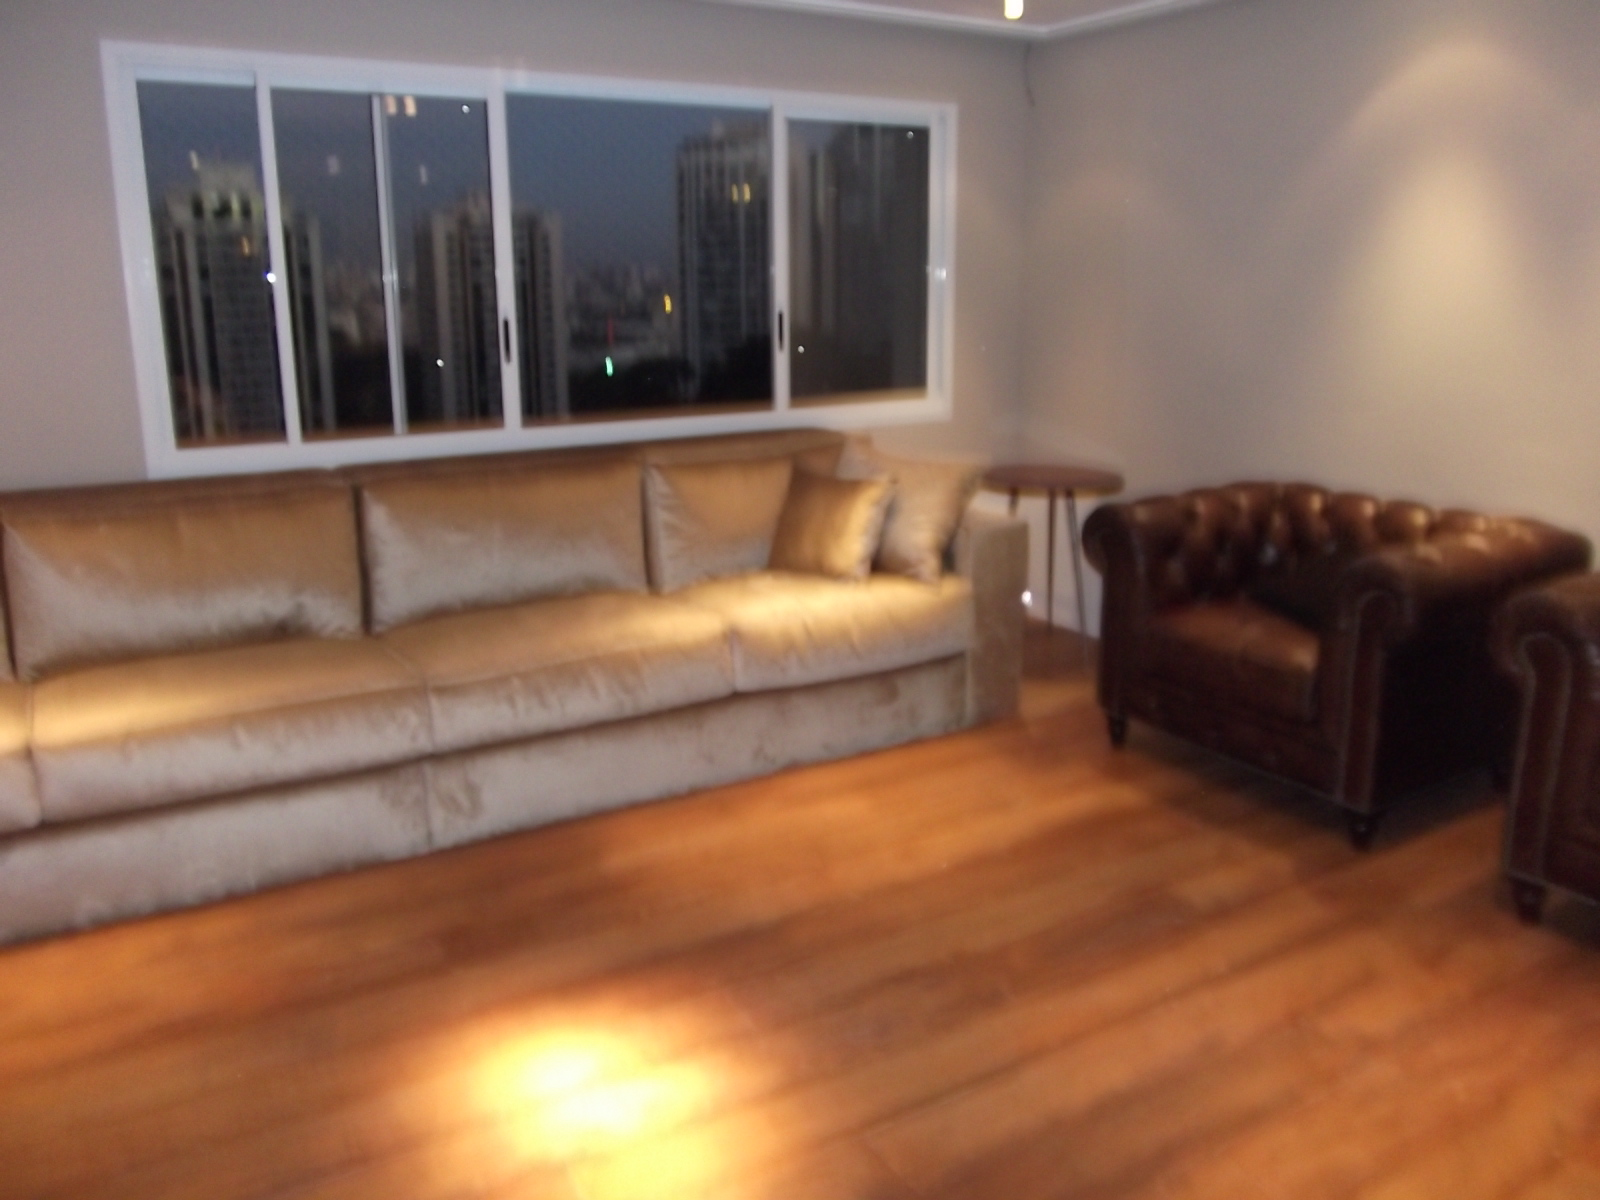 Blog decora o de interiores mobiliario contemporaneo for Go mobiliario contemporaneo